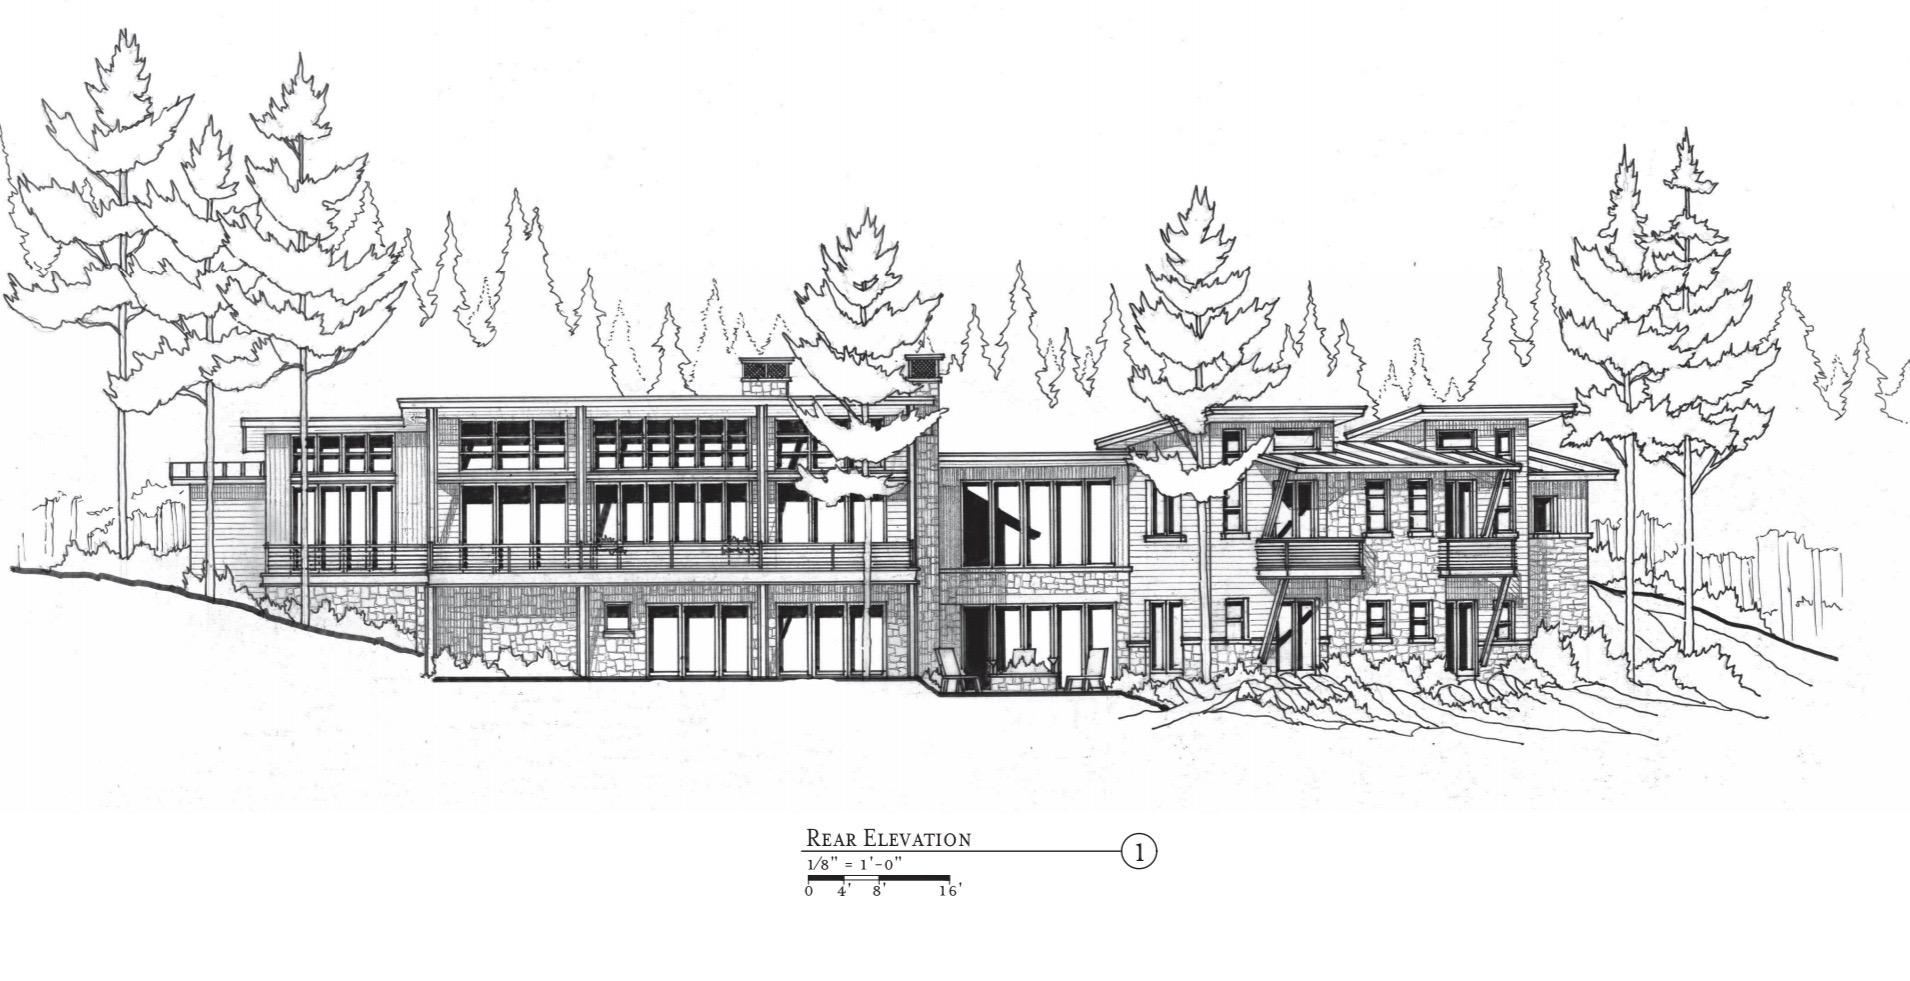 Candelaria Design Mountain Contemporary Spec Home in Pine Canyon